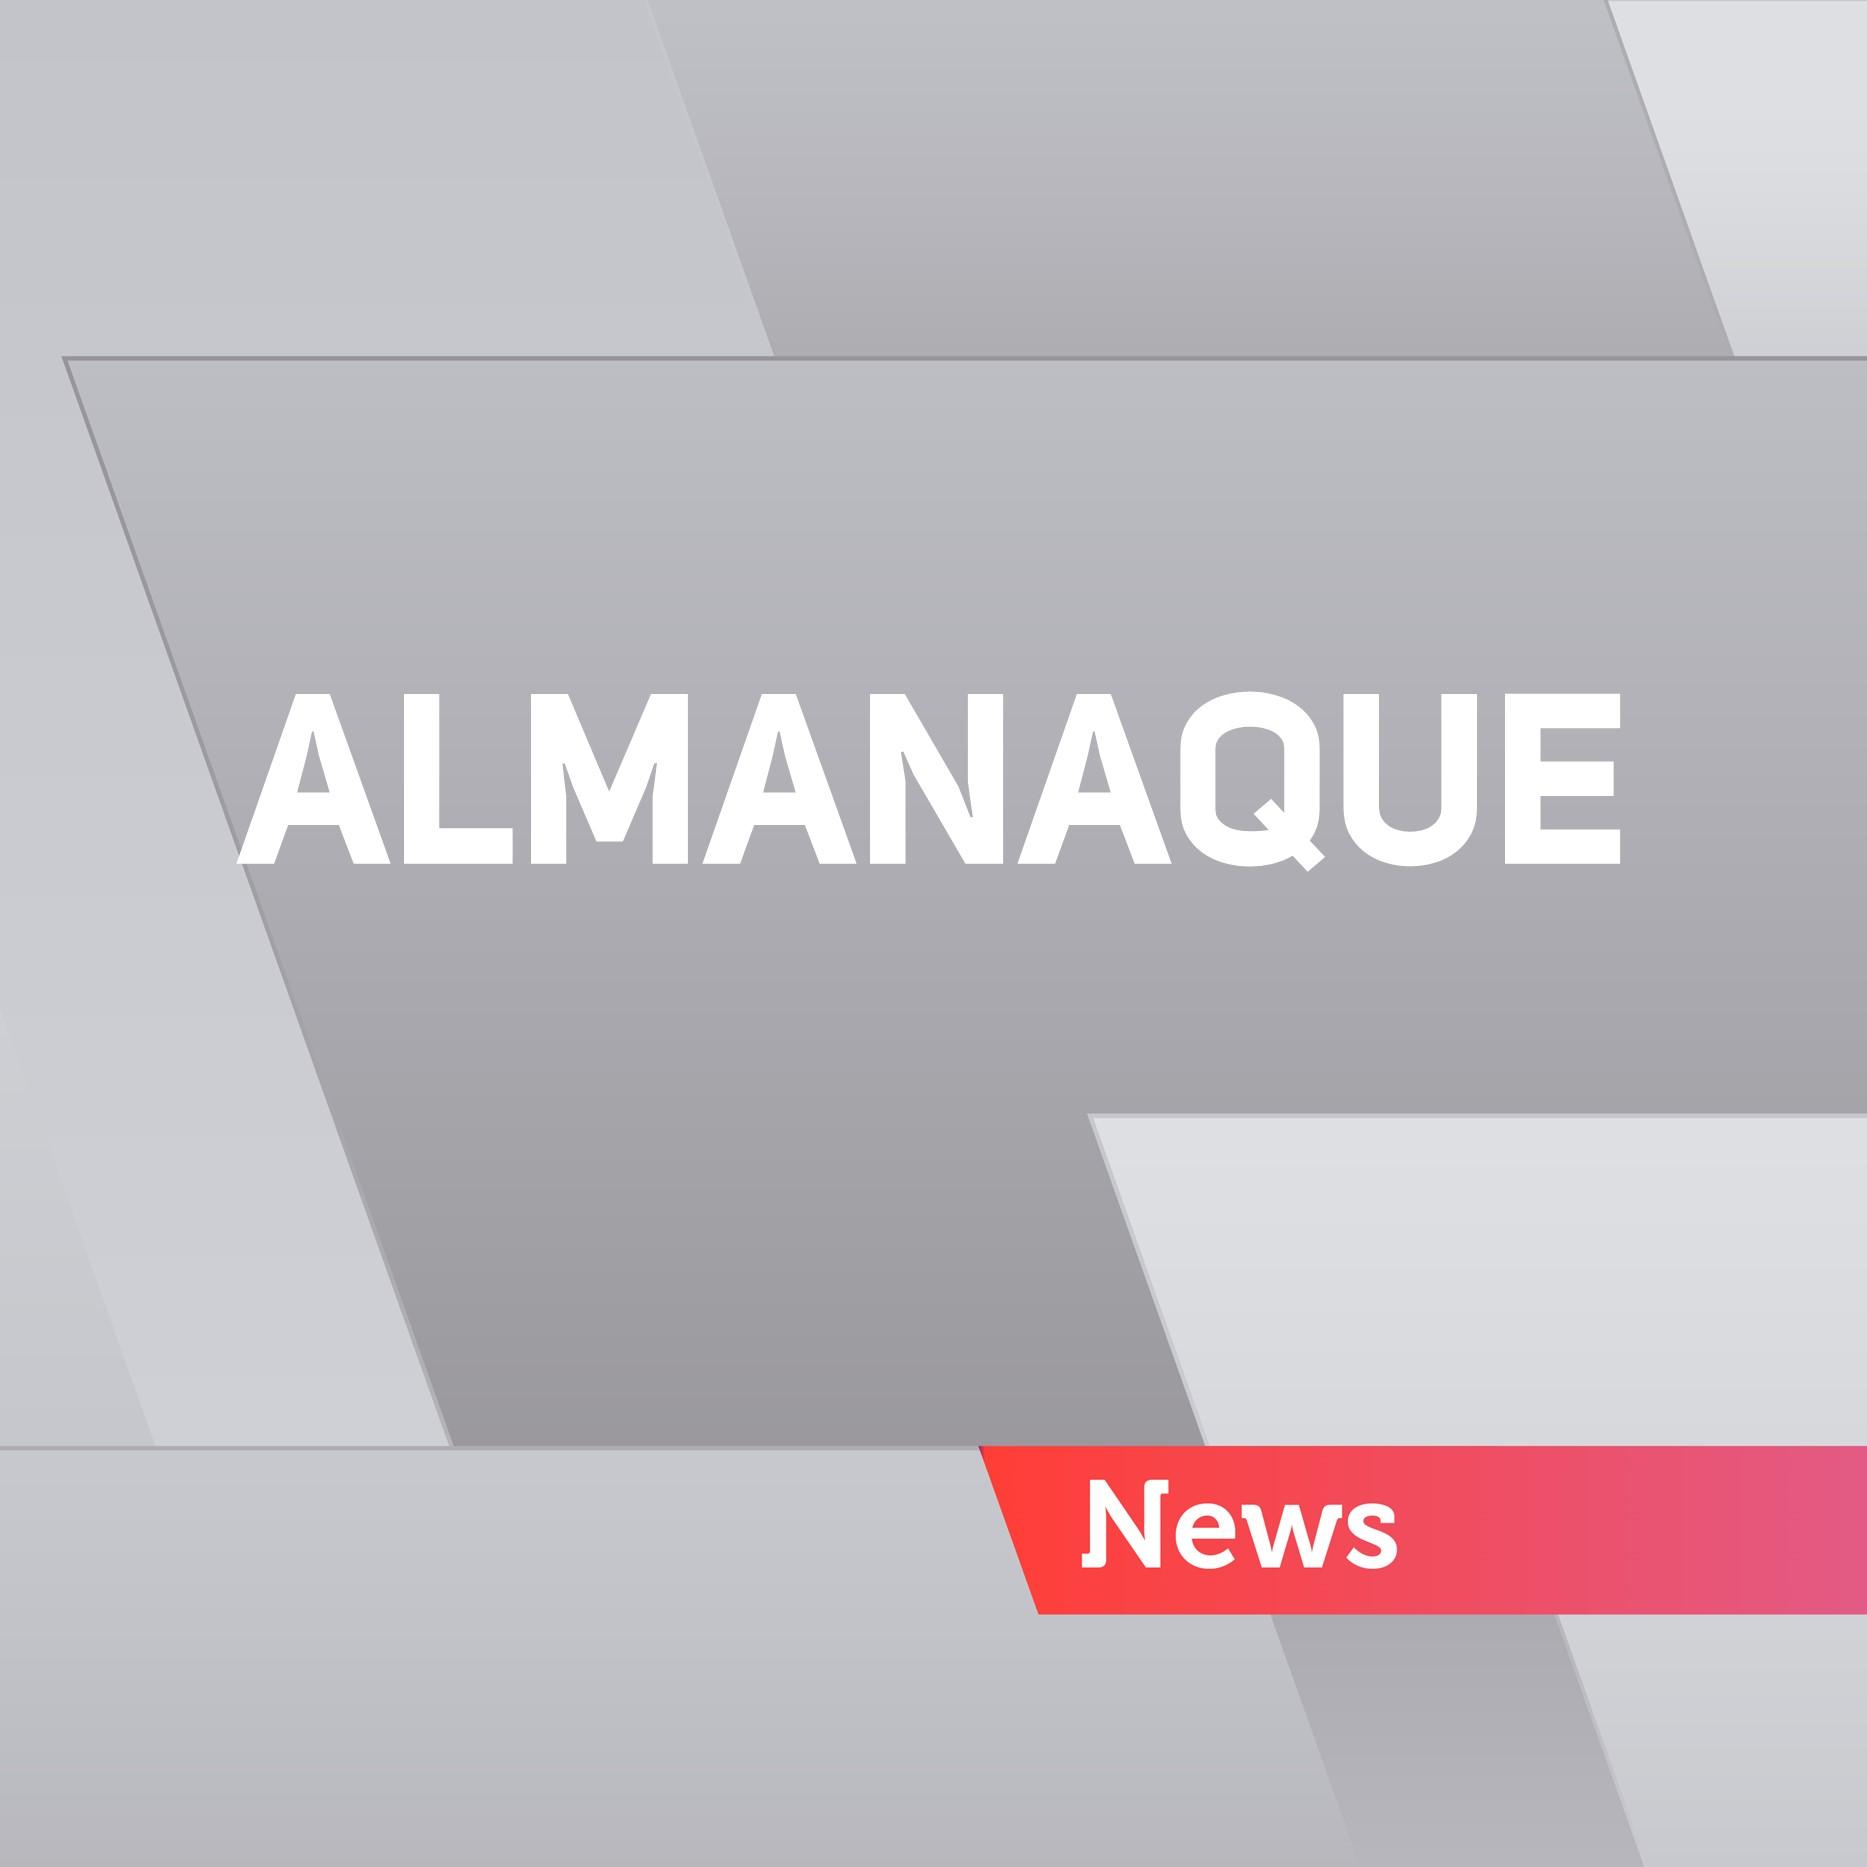 Almanaque Gaúcha Hoje: o 05/12 na história